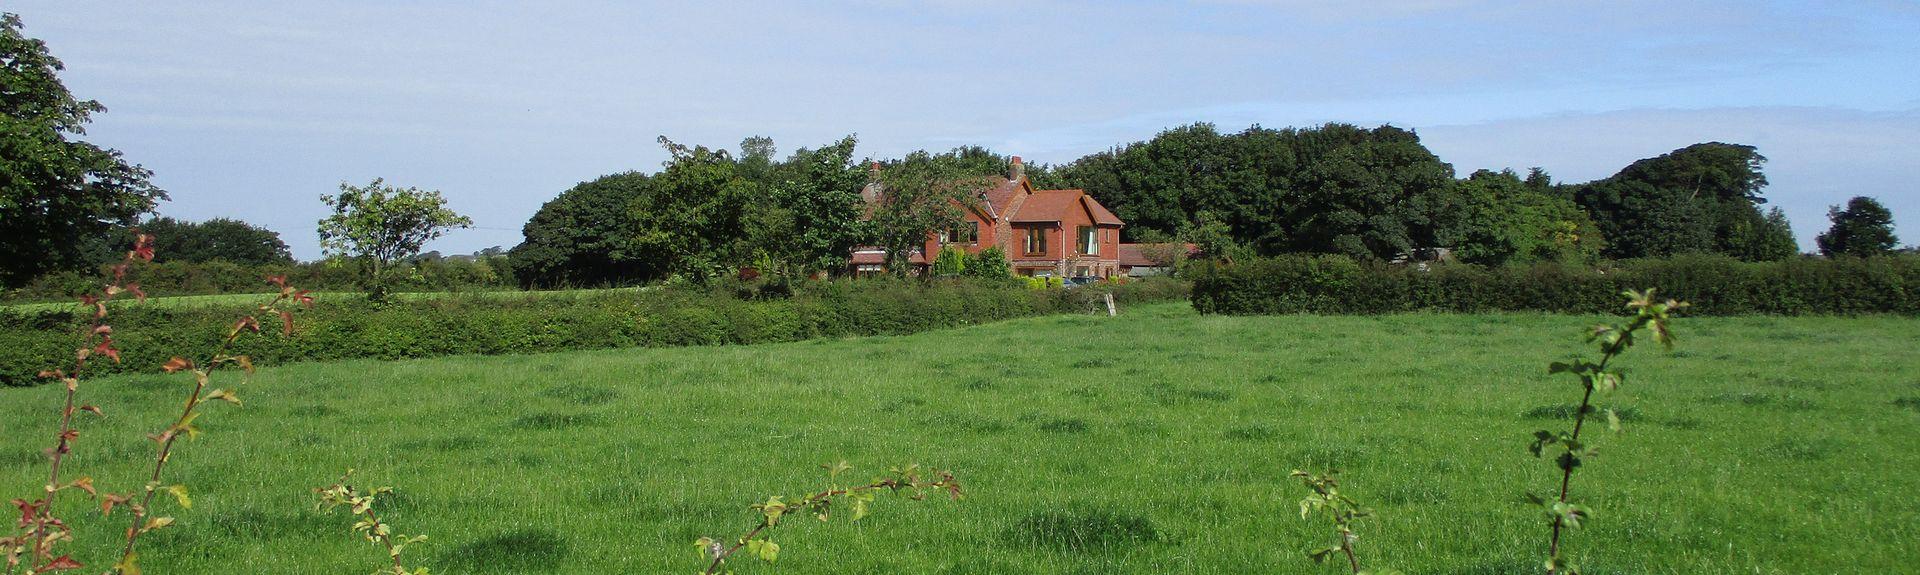 Thornton-Cleveleys, UK